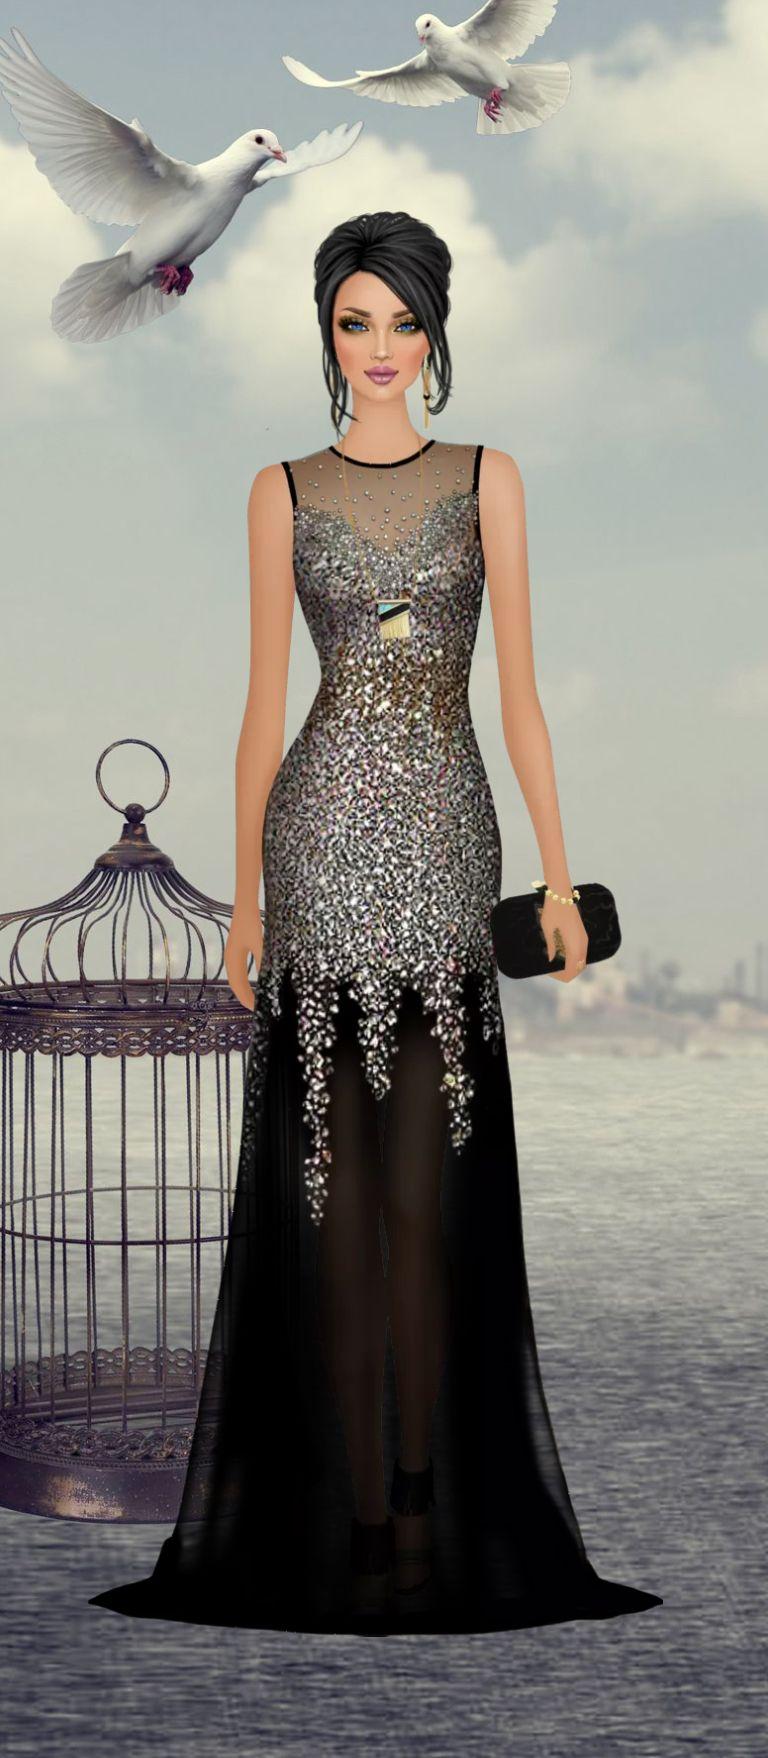 Jeux de mode robe de soiree